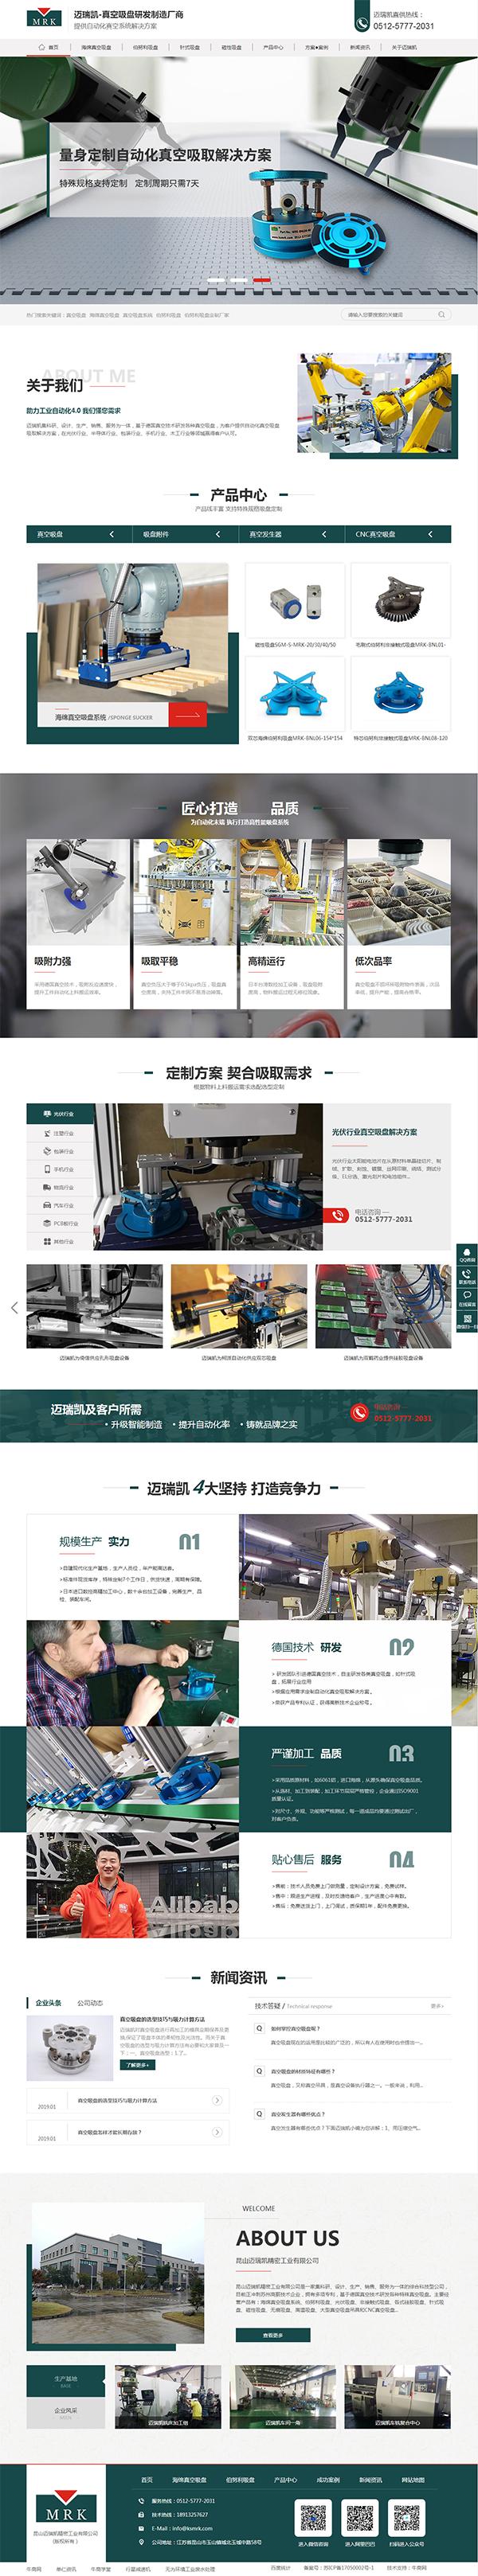 迈瑞凯精密工业-龙8国际龙88型龙8国际官网首页首页截图